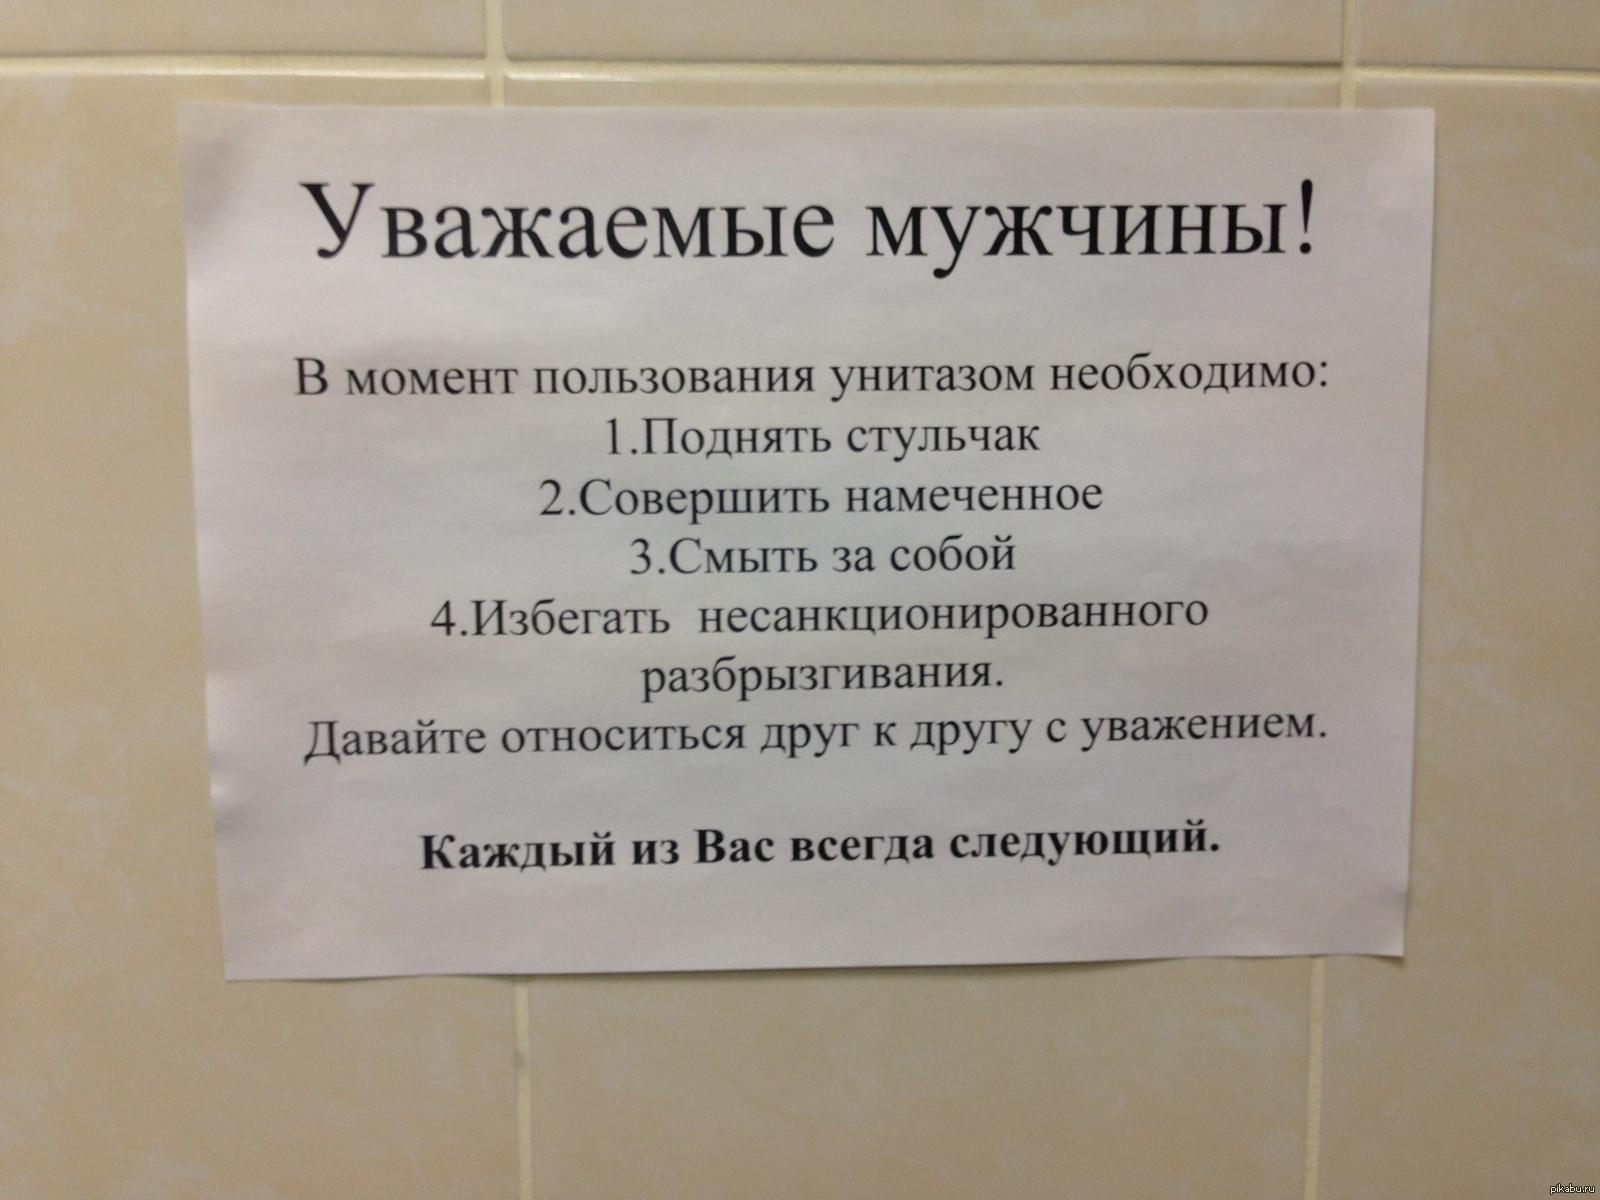 Поздравления днем, картинки или надписи в туалете